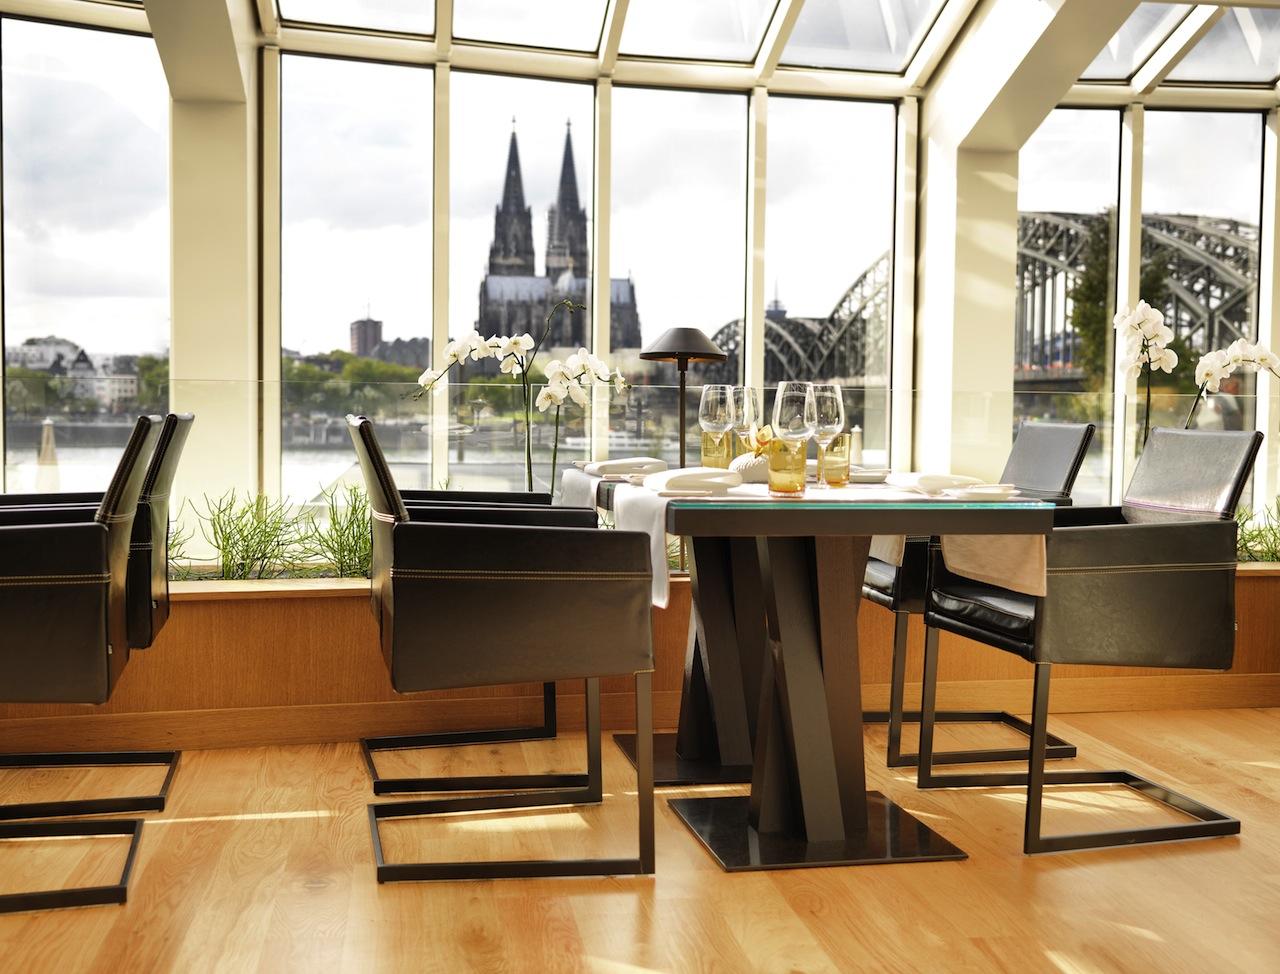 Glashaus Restaurant & Bar - Domblick / ©Hyatt Regency Köln